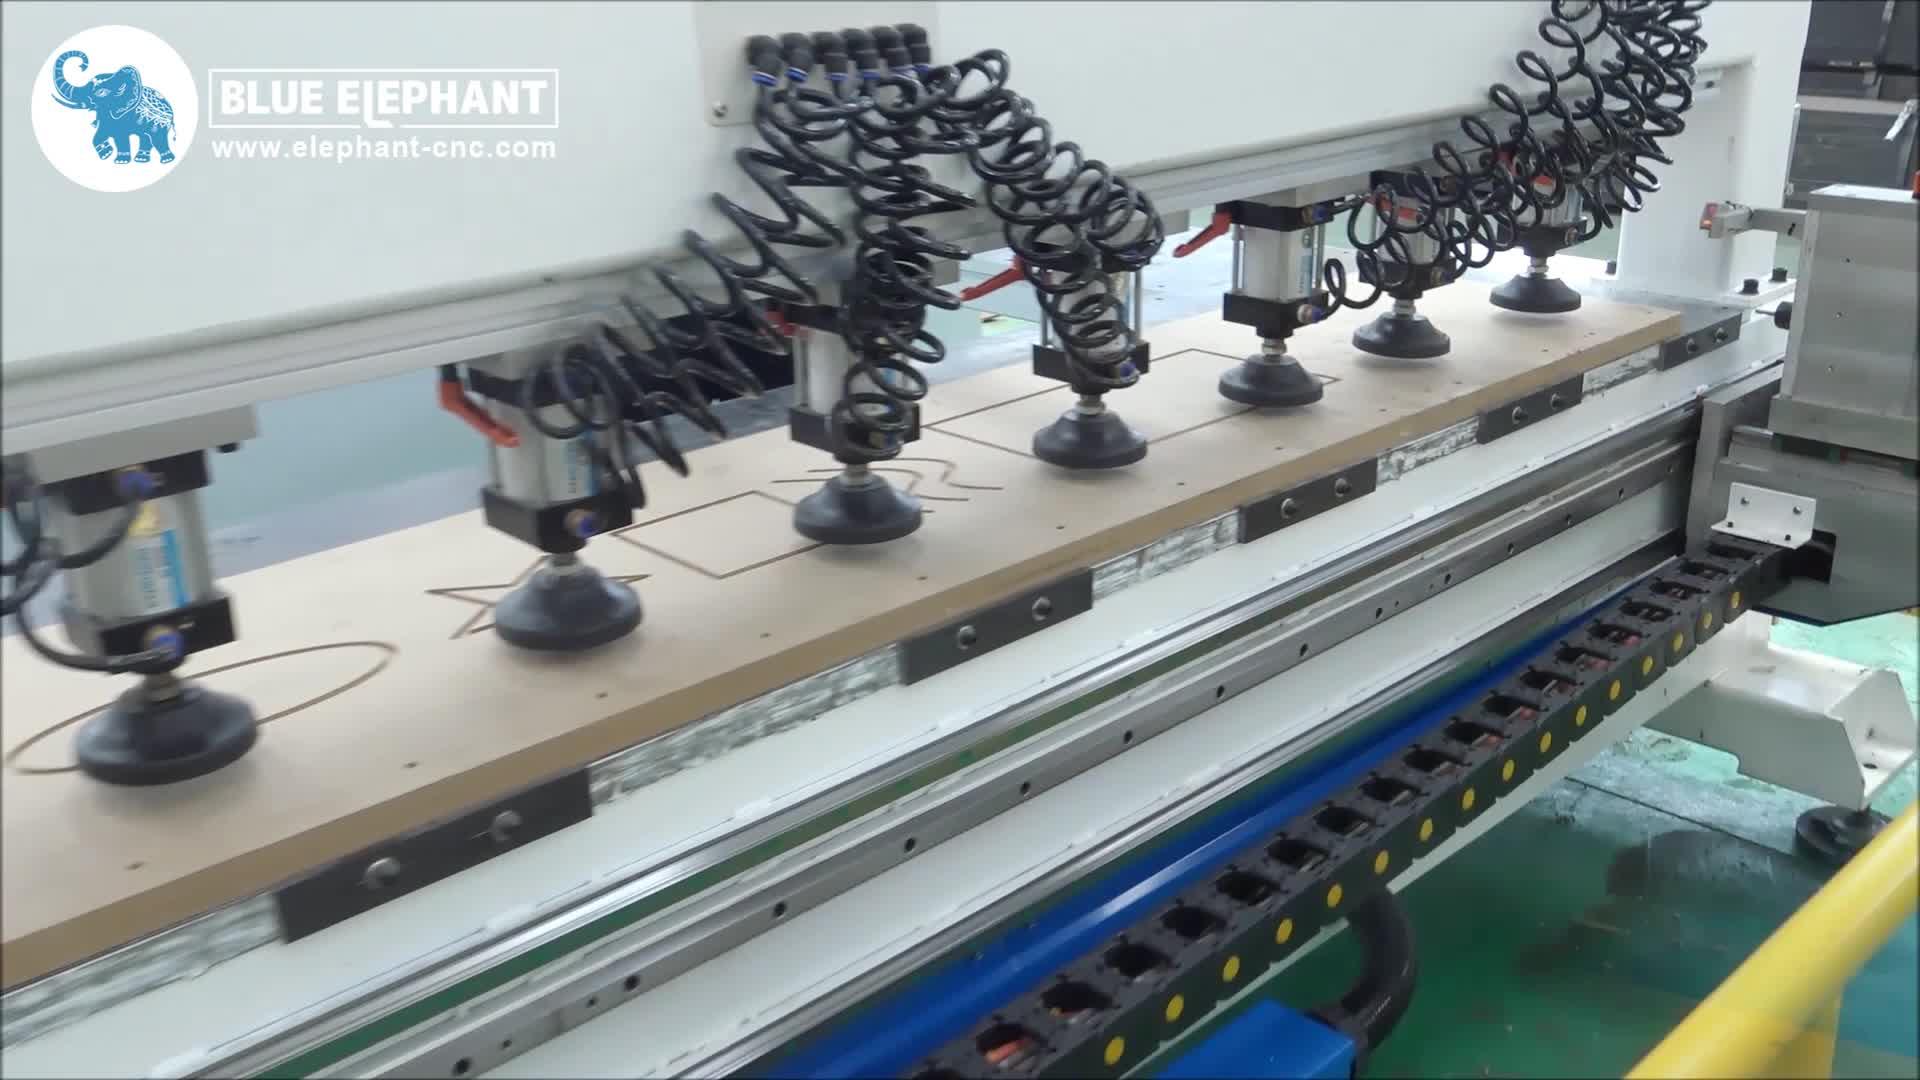 तेज गति के साथ आर्थिक सीएनसी woodworking फर्नीचर लकड़ी ड्रिलिंग मशीन